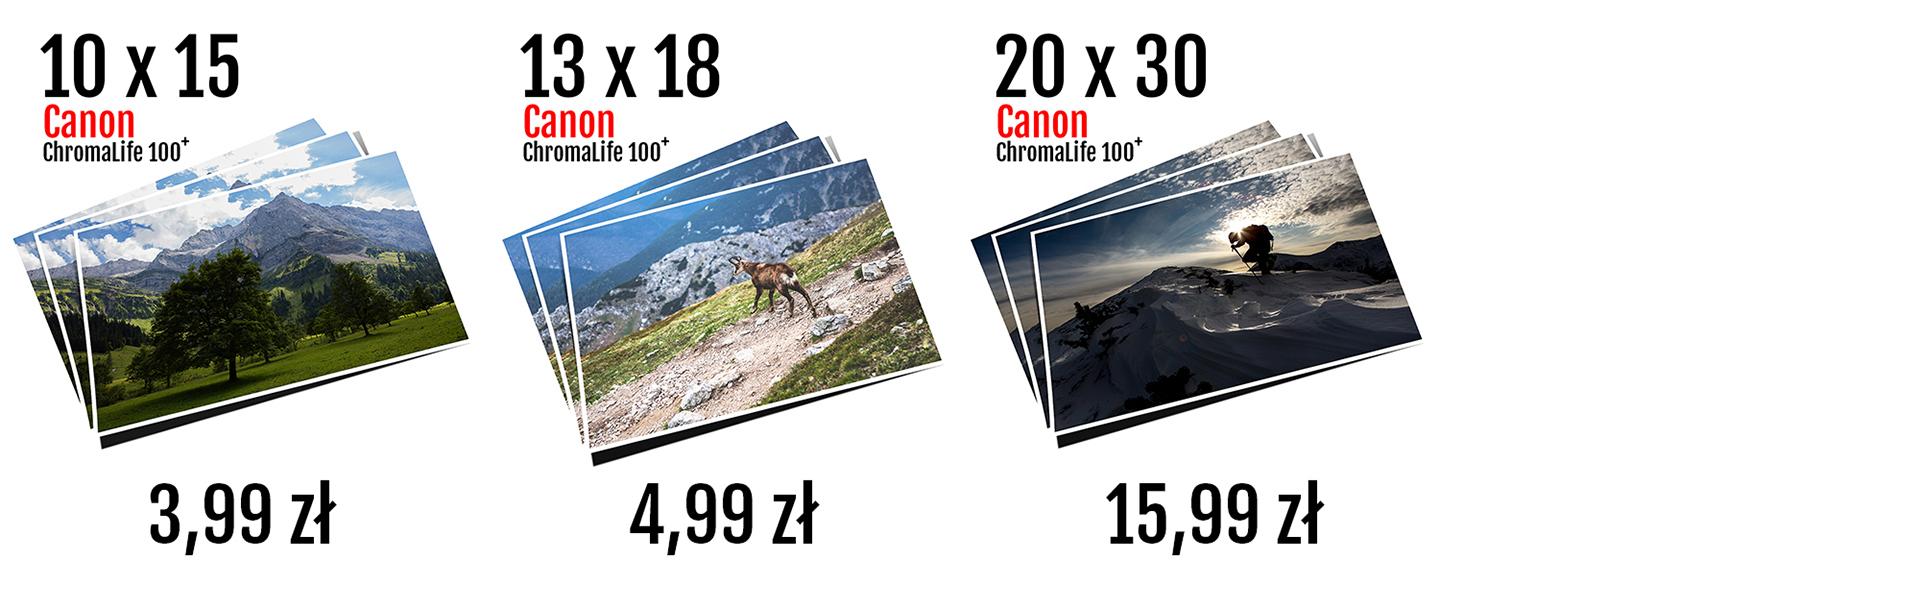 Odbitki Canon Online Pracownia Fotograficzna Micuda